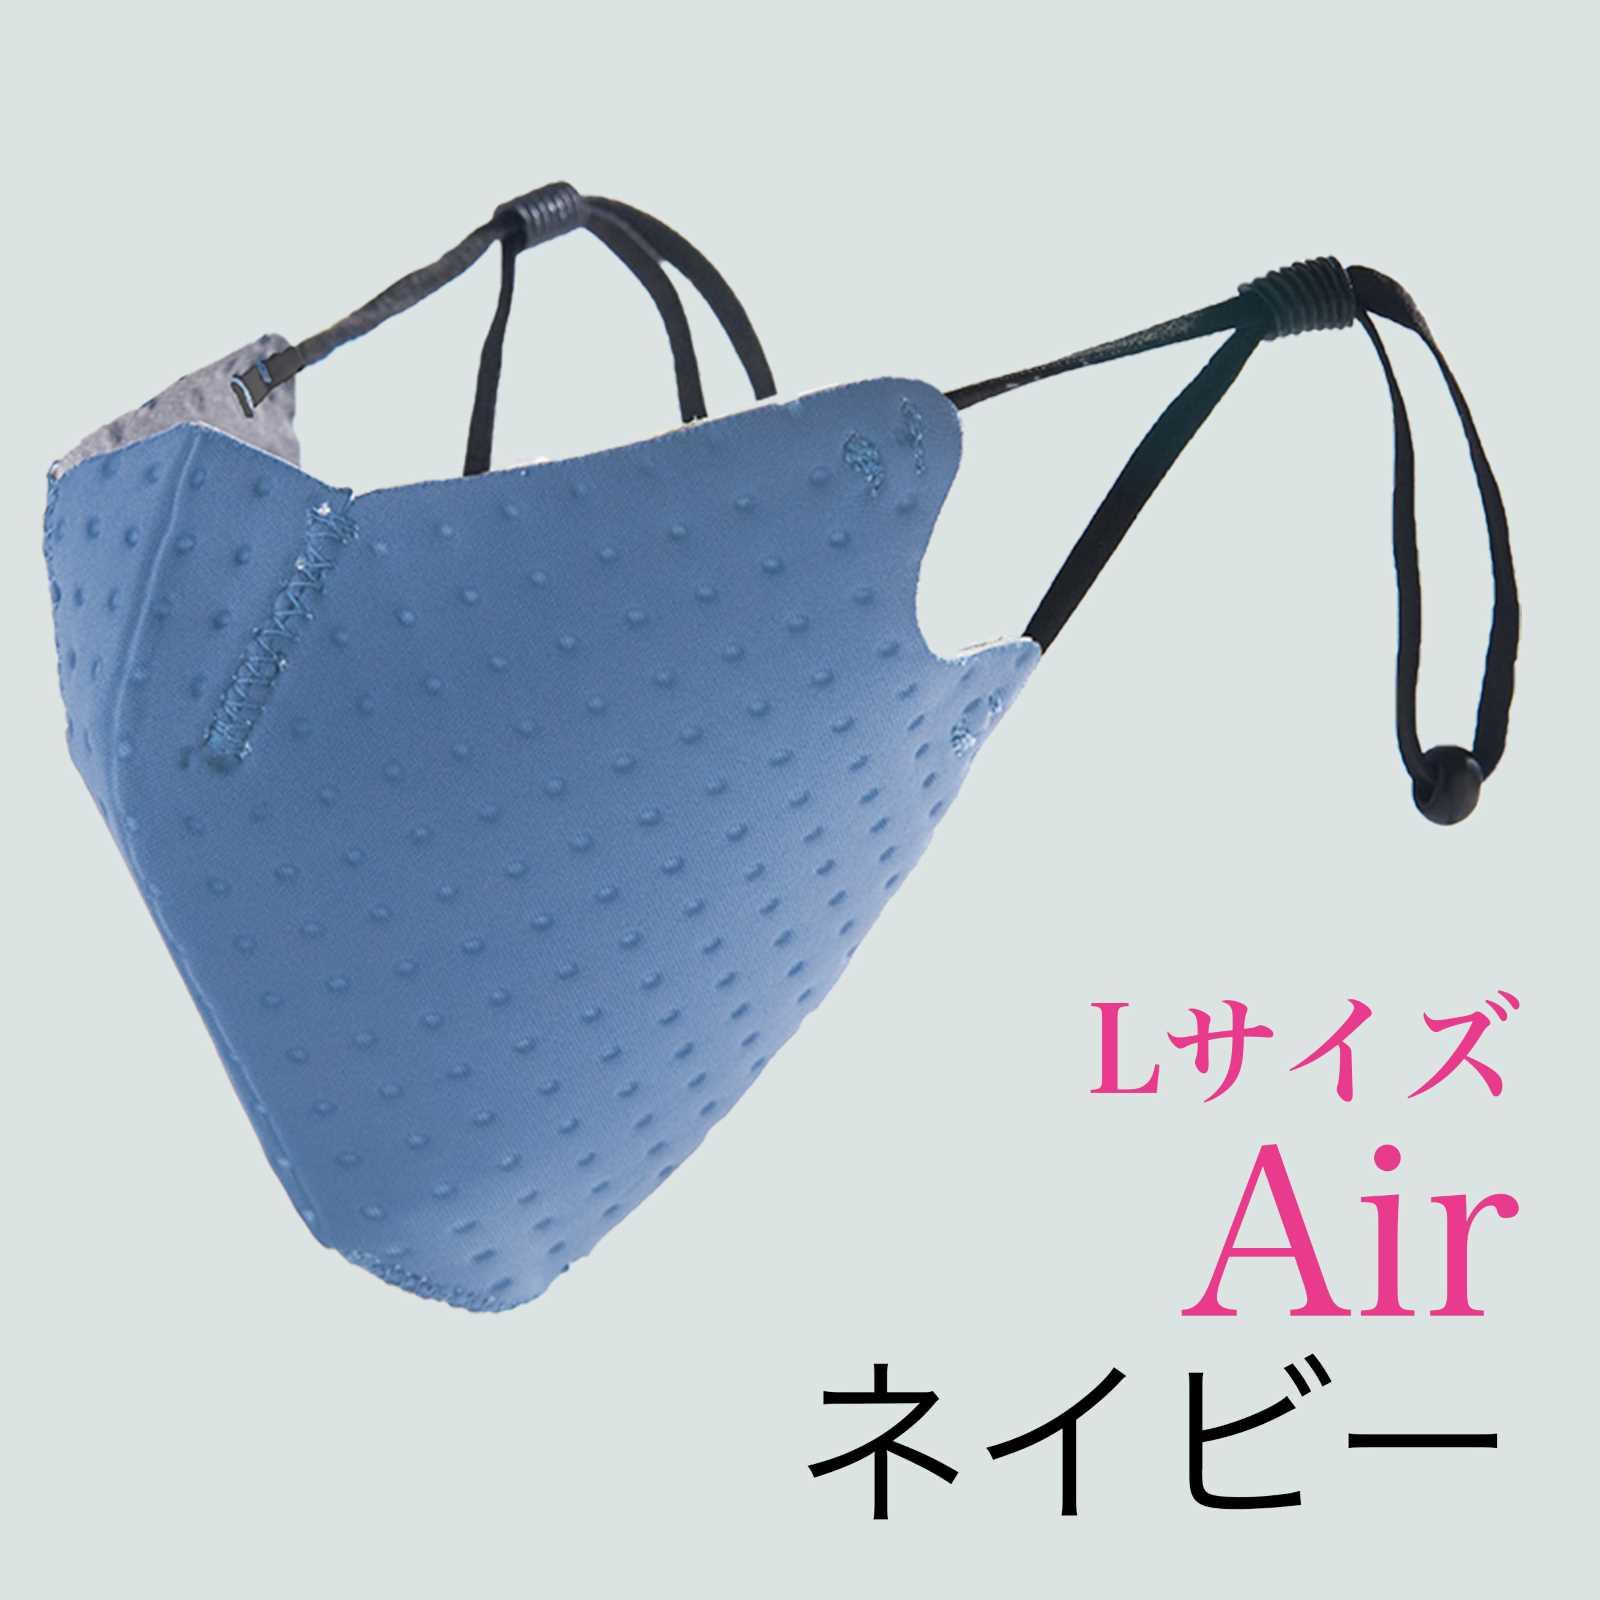 【単色購入】呼吸 Co-que Air ネイビー Lサイズ